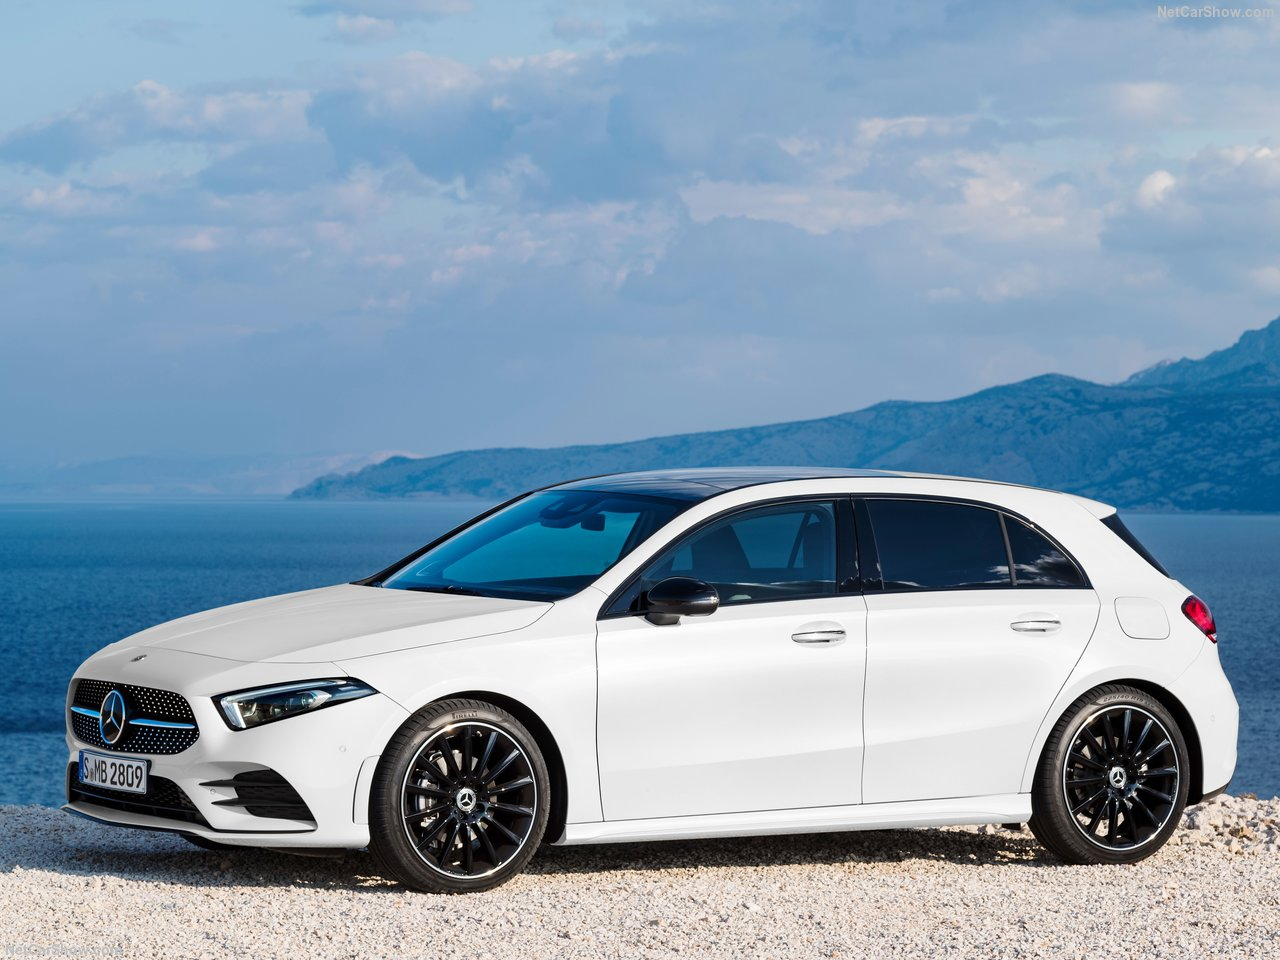 Mercedes-Benz-A-Class-2019-1280-05.jpg